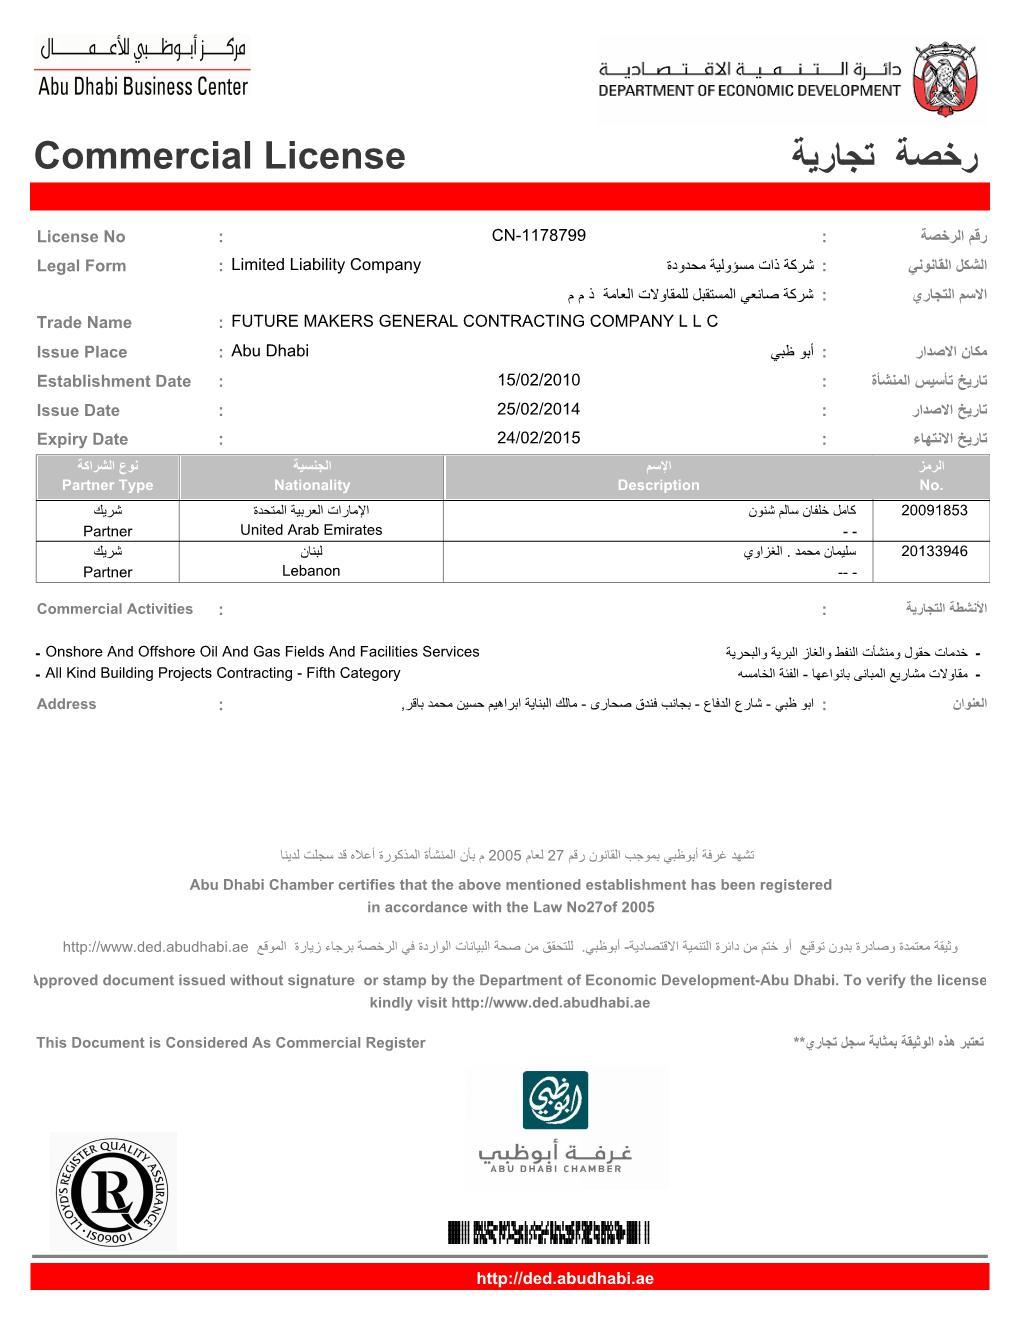 مركز أبو ظبي للأعمال